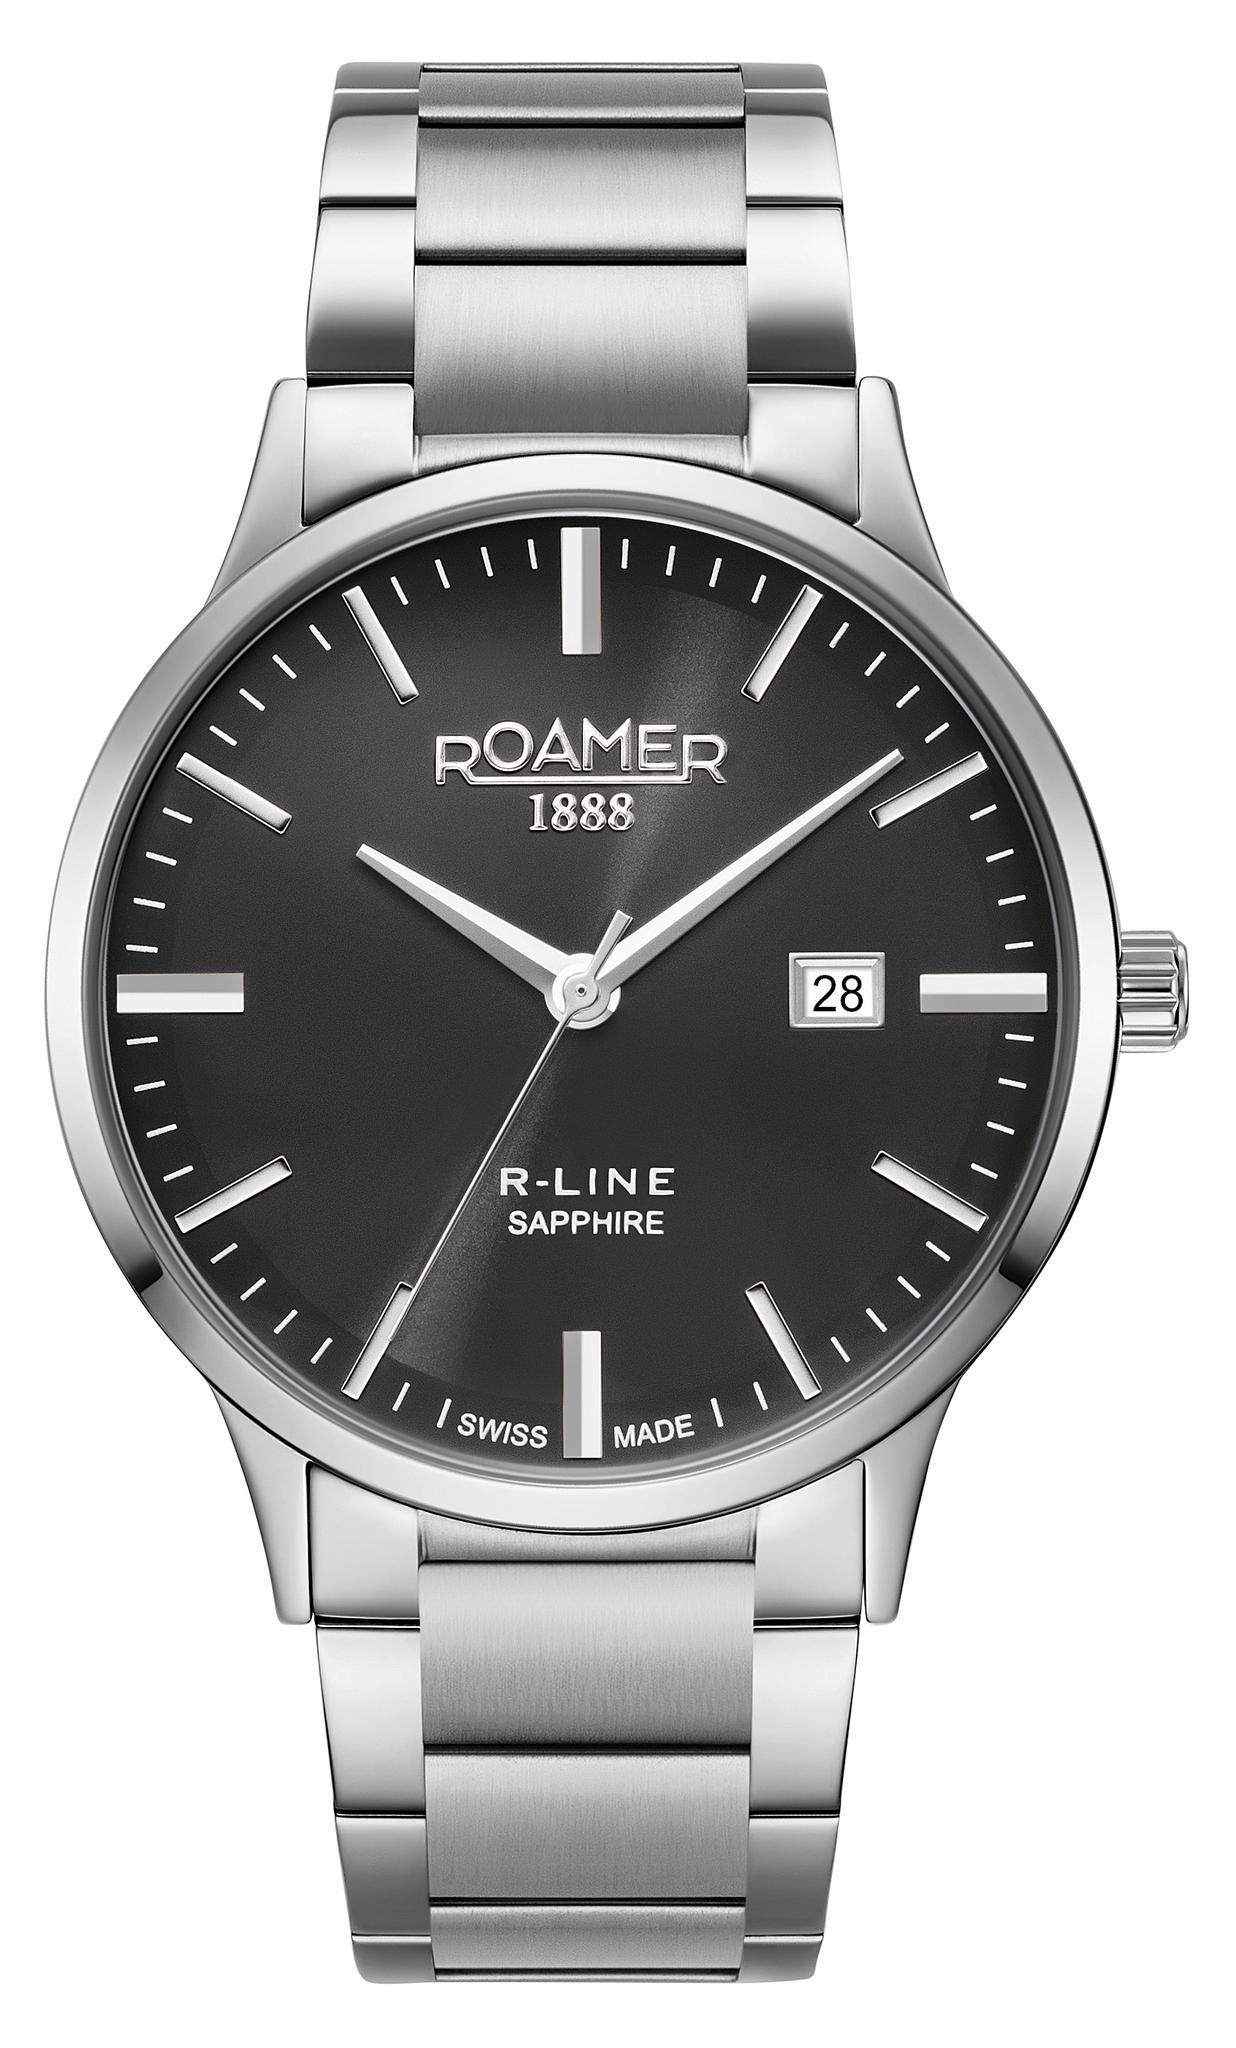 Часы мужские Roamer 718 833 41 55 70 R-Line